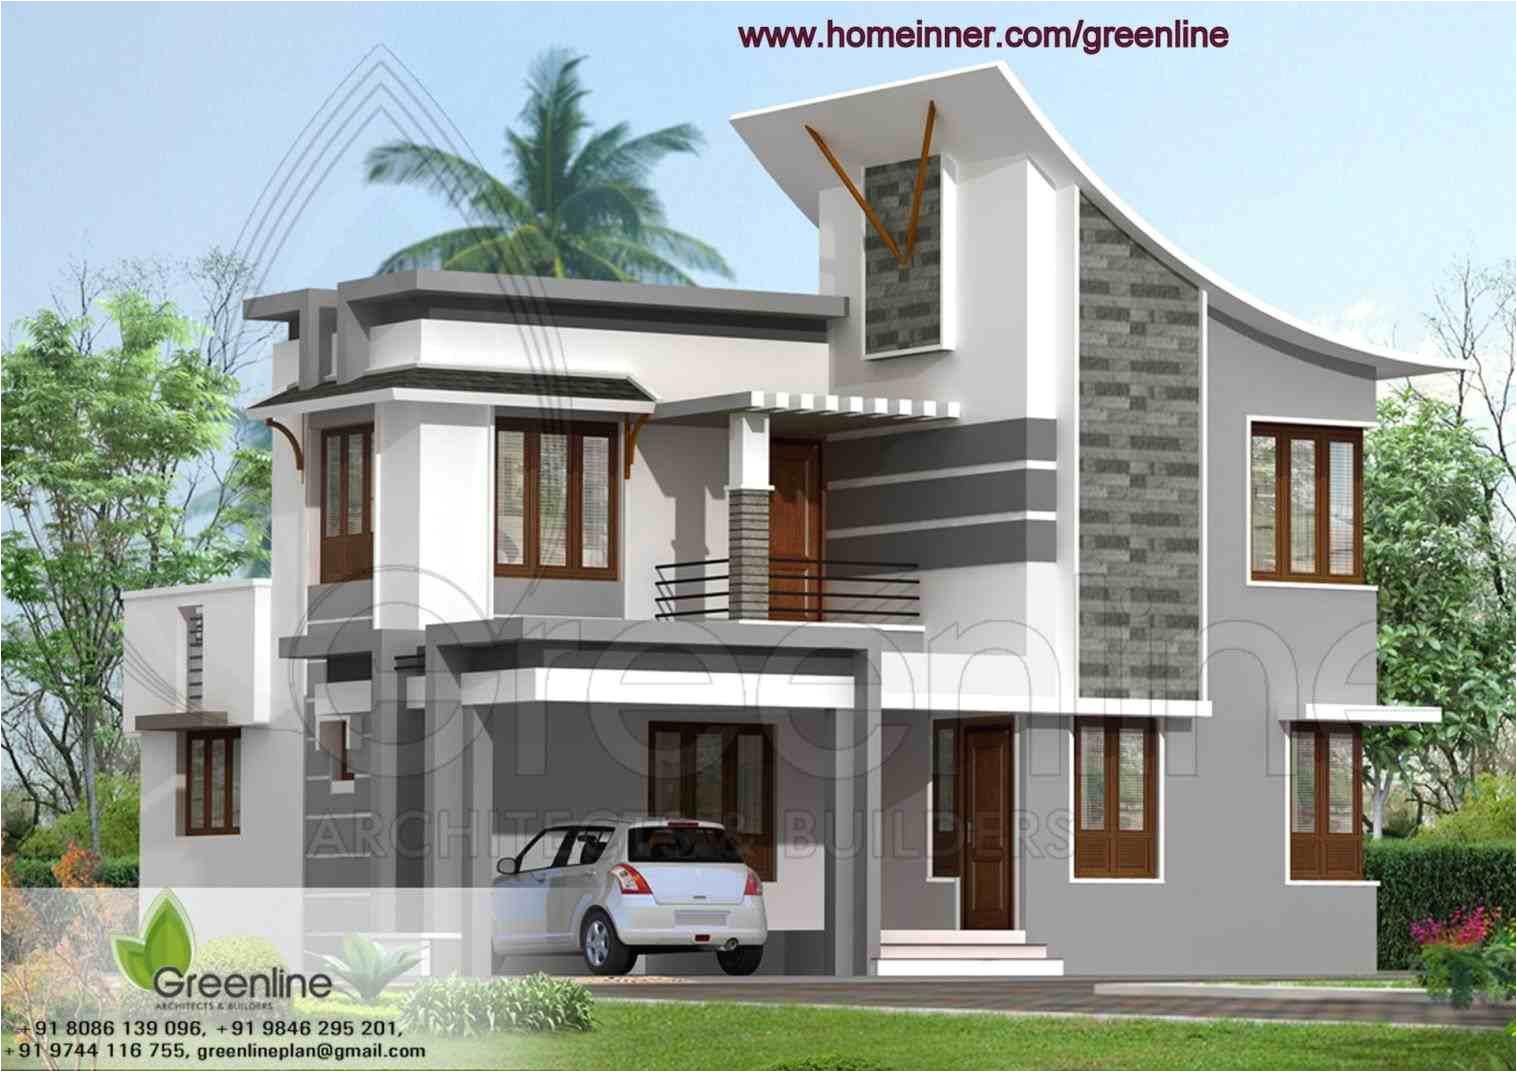 blueprints naksha home design plans for indian homes house u blueprints single floor plan styleee s india single home design plans for indian jpg